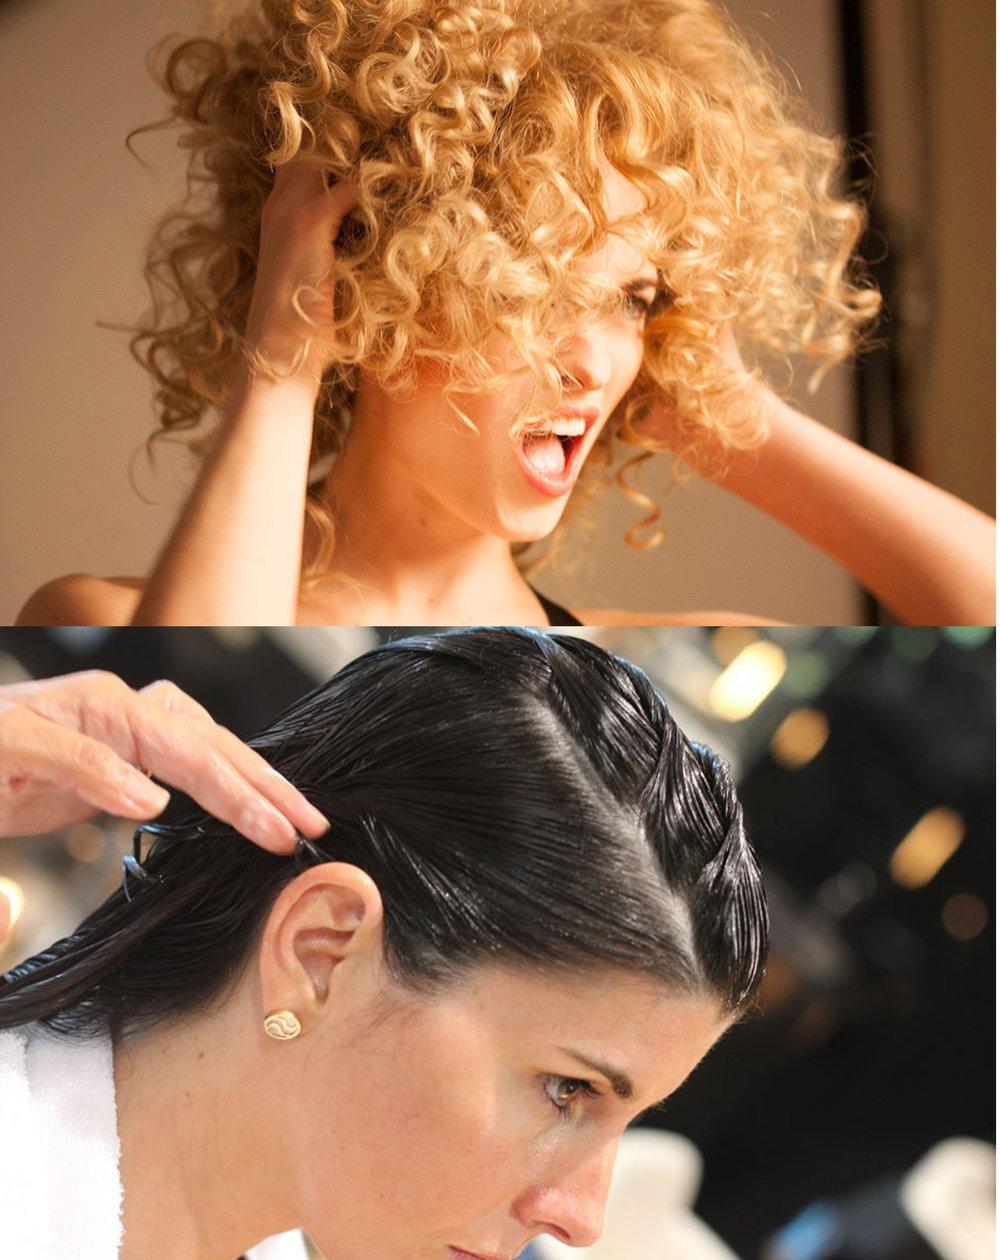 El zinc es uno de los ingredientes necesarios para la renovación celular de piel, cabello y uñas. Foto superior: Maison Eduardo Sánchez.